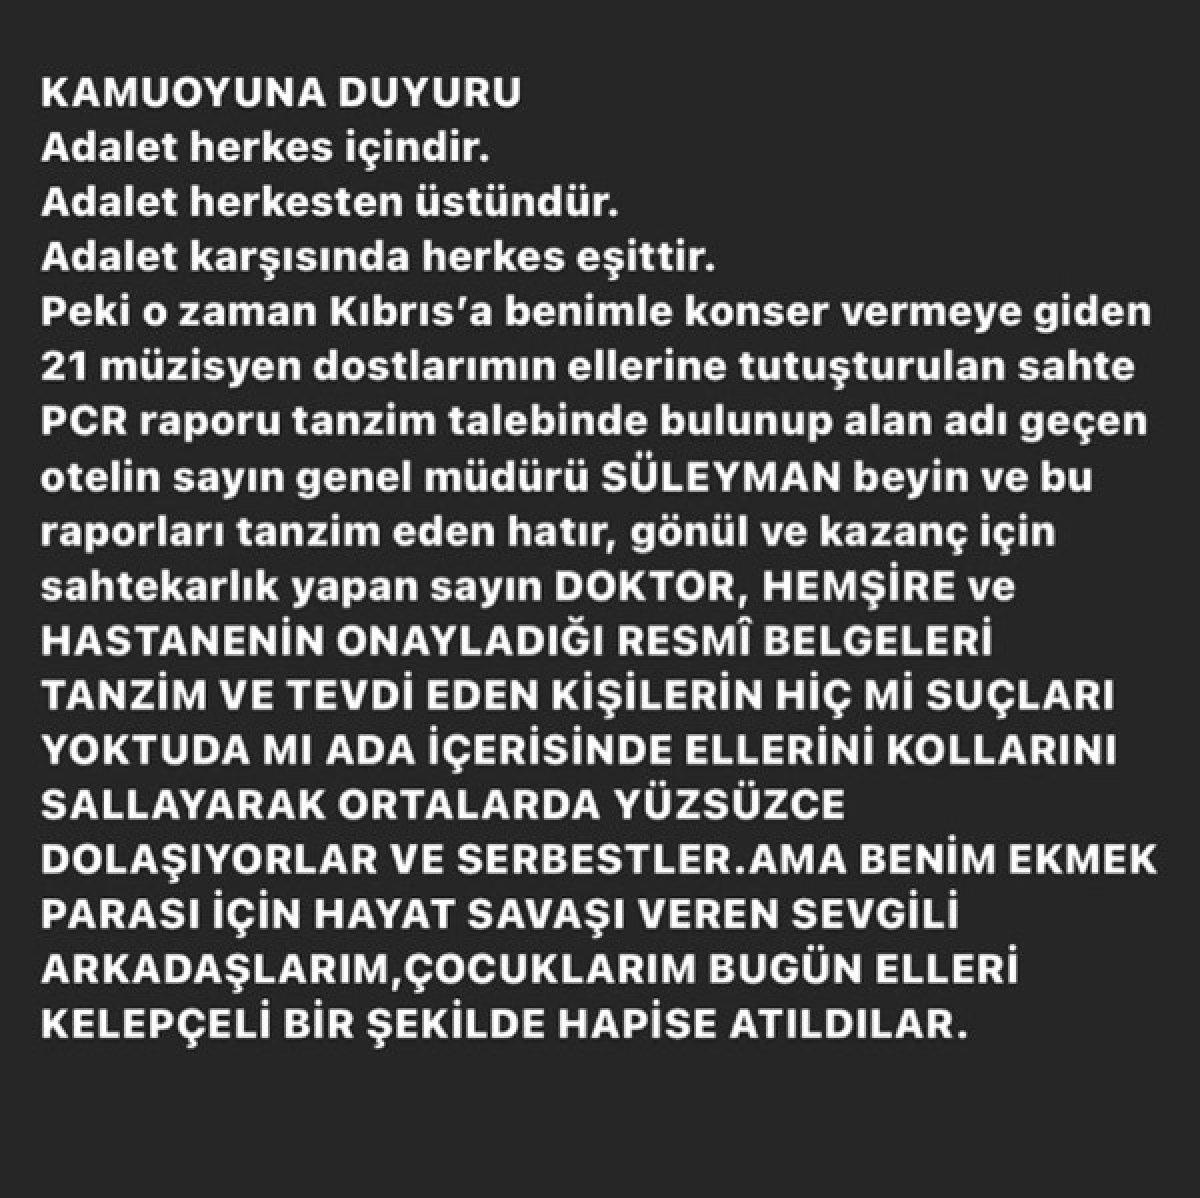 Bülent Ersoy'un 21 kişilik müzisyen ekibi tutuklandı #4